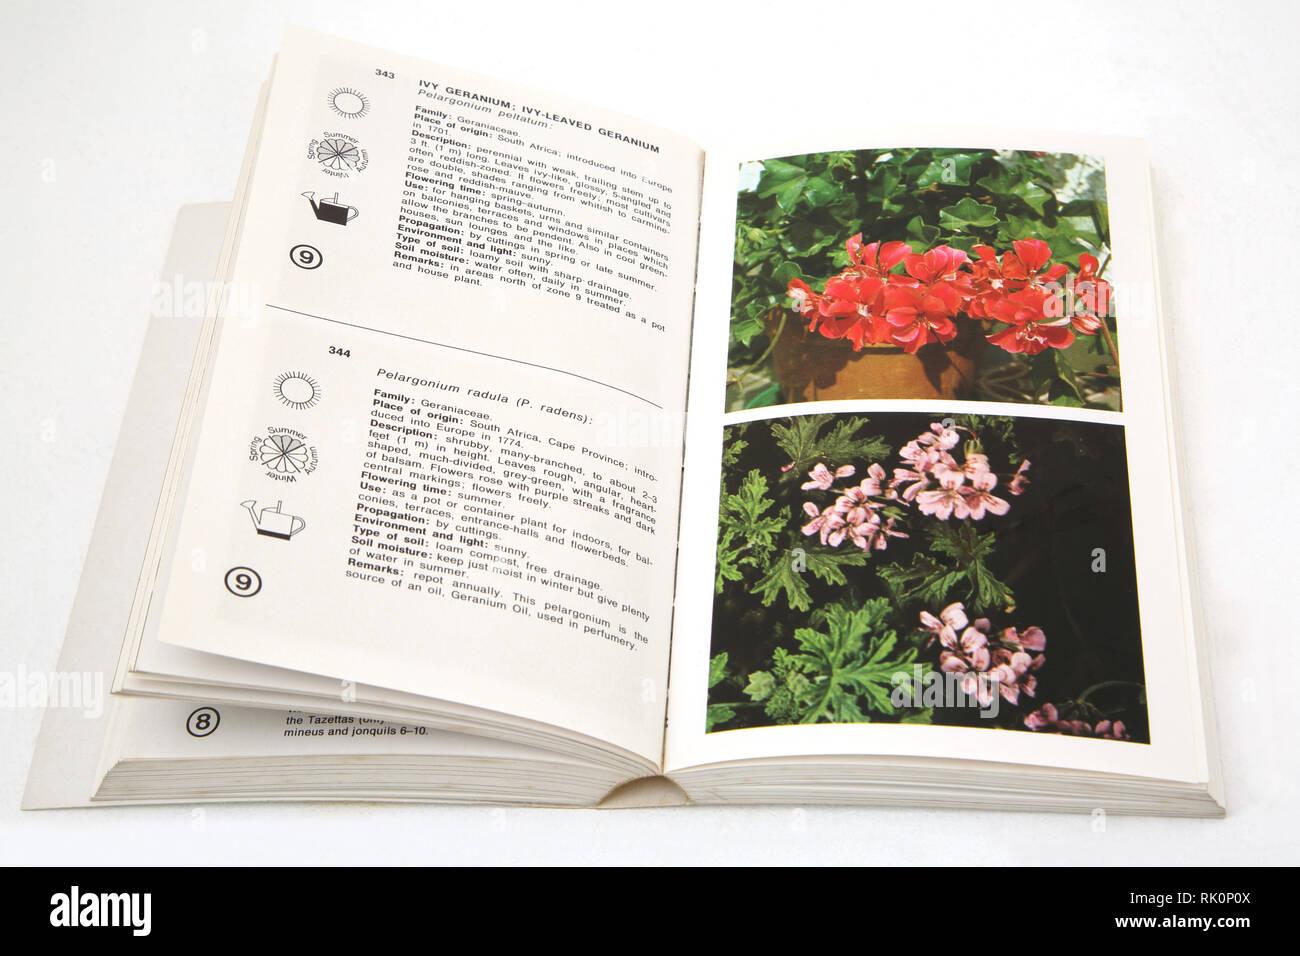 Immagini Piante E Fiori il macdonald enciclopedia di piante e fiori foto stock - alamy